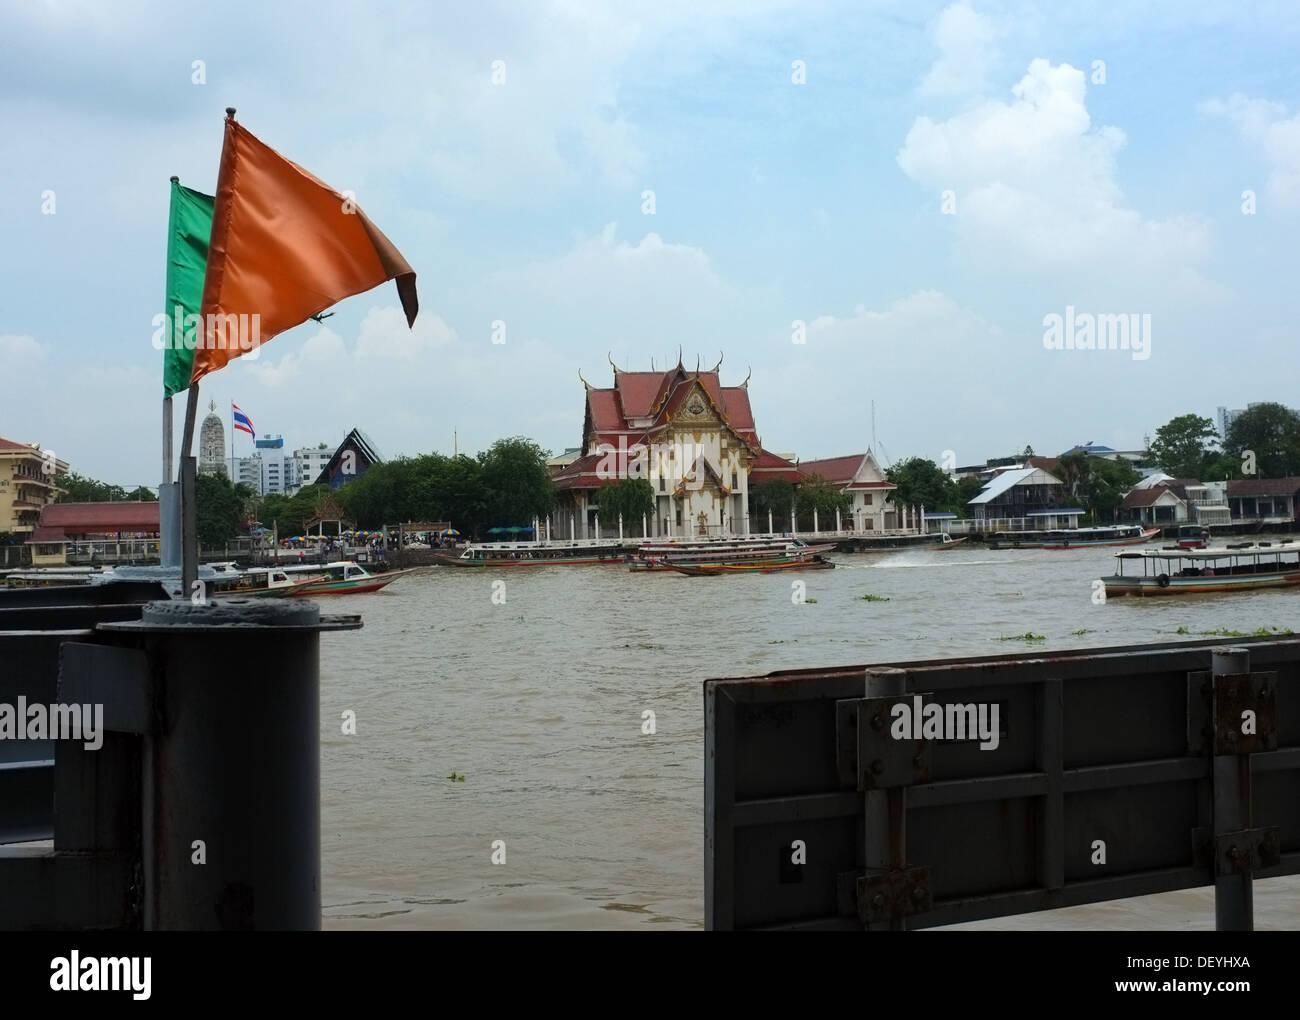 Wat Rakang temple on the Chao Phraya River, Bangkok Thailand - Stock Image